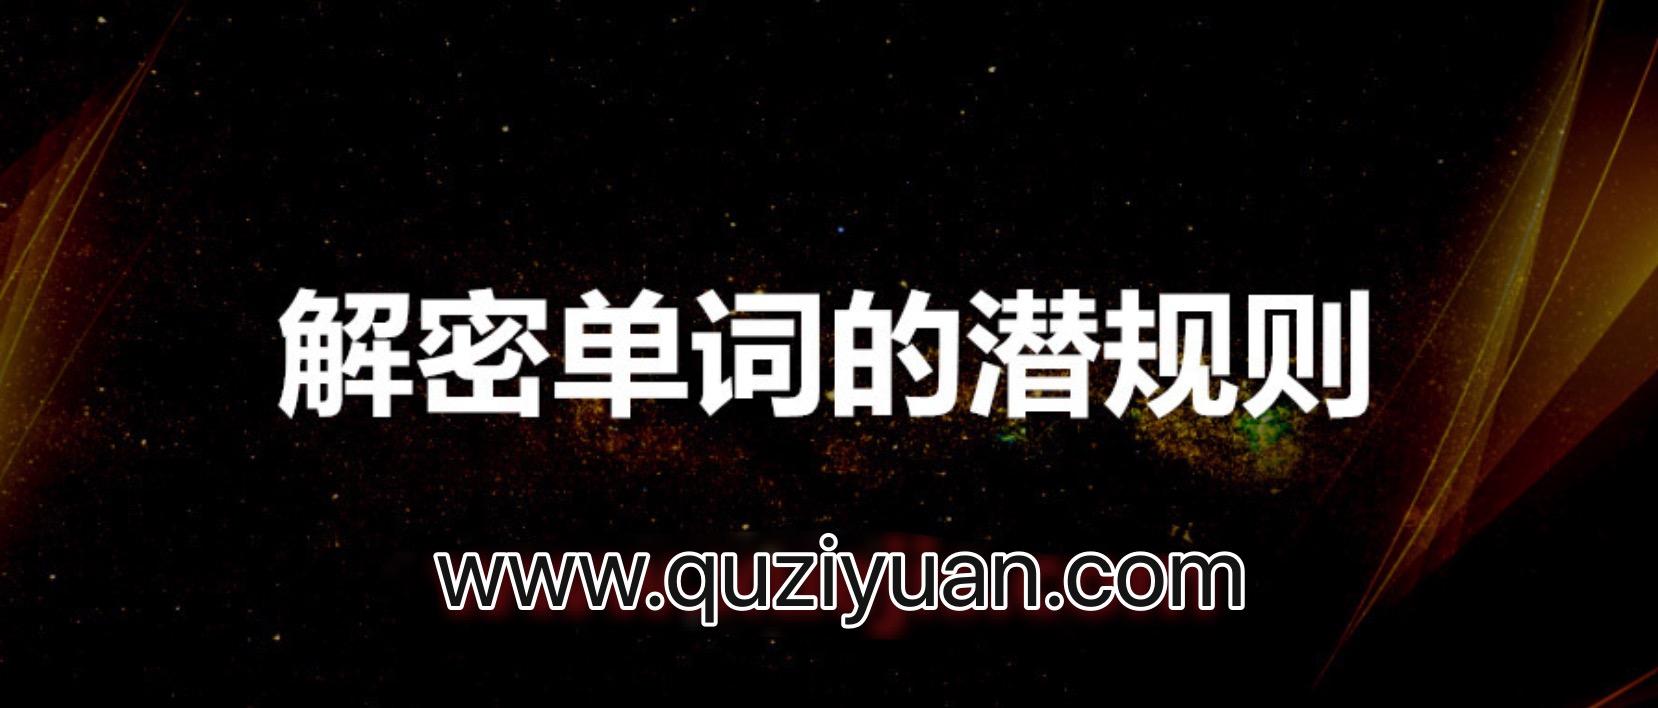 赵铁夫讲单词_解密单词的潜规则 百度网盘